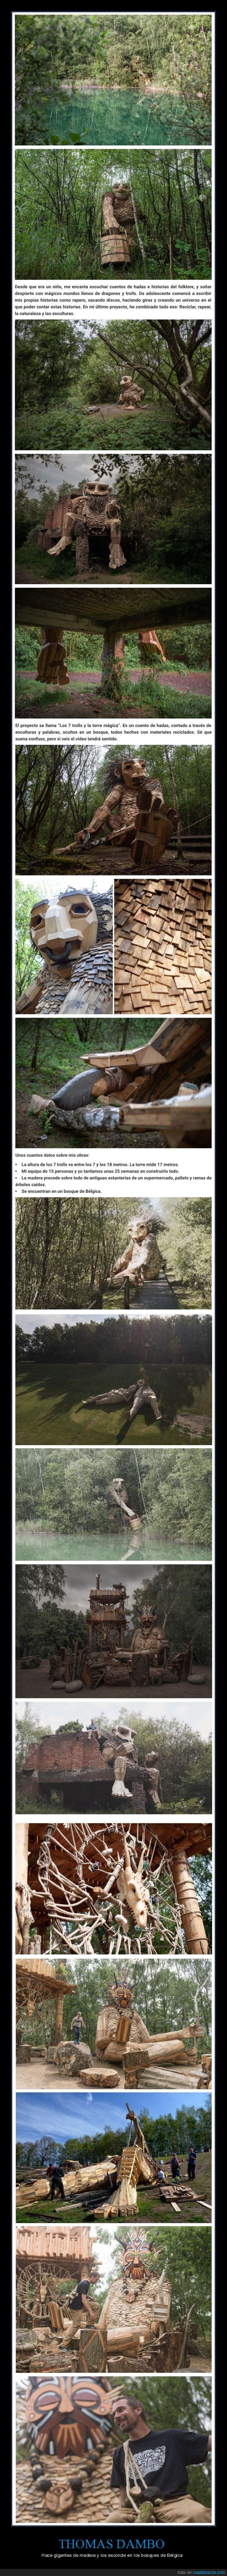 bosques,gigantes,madera,thomas dambo